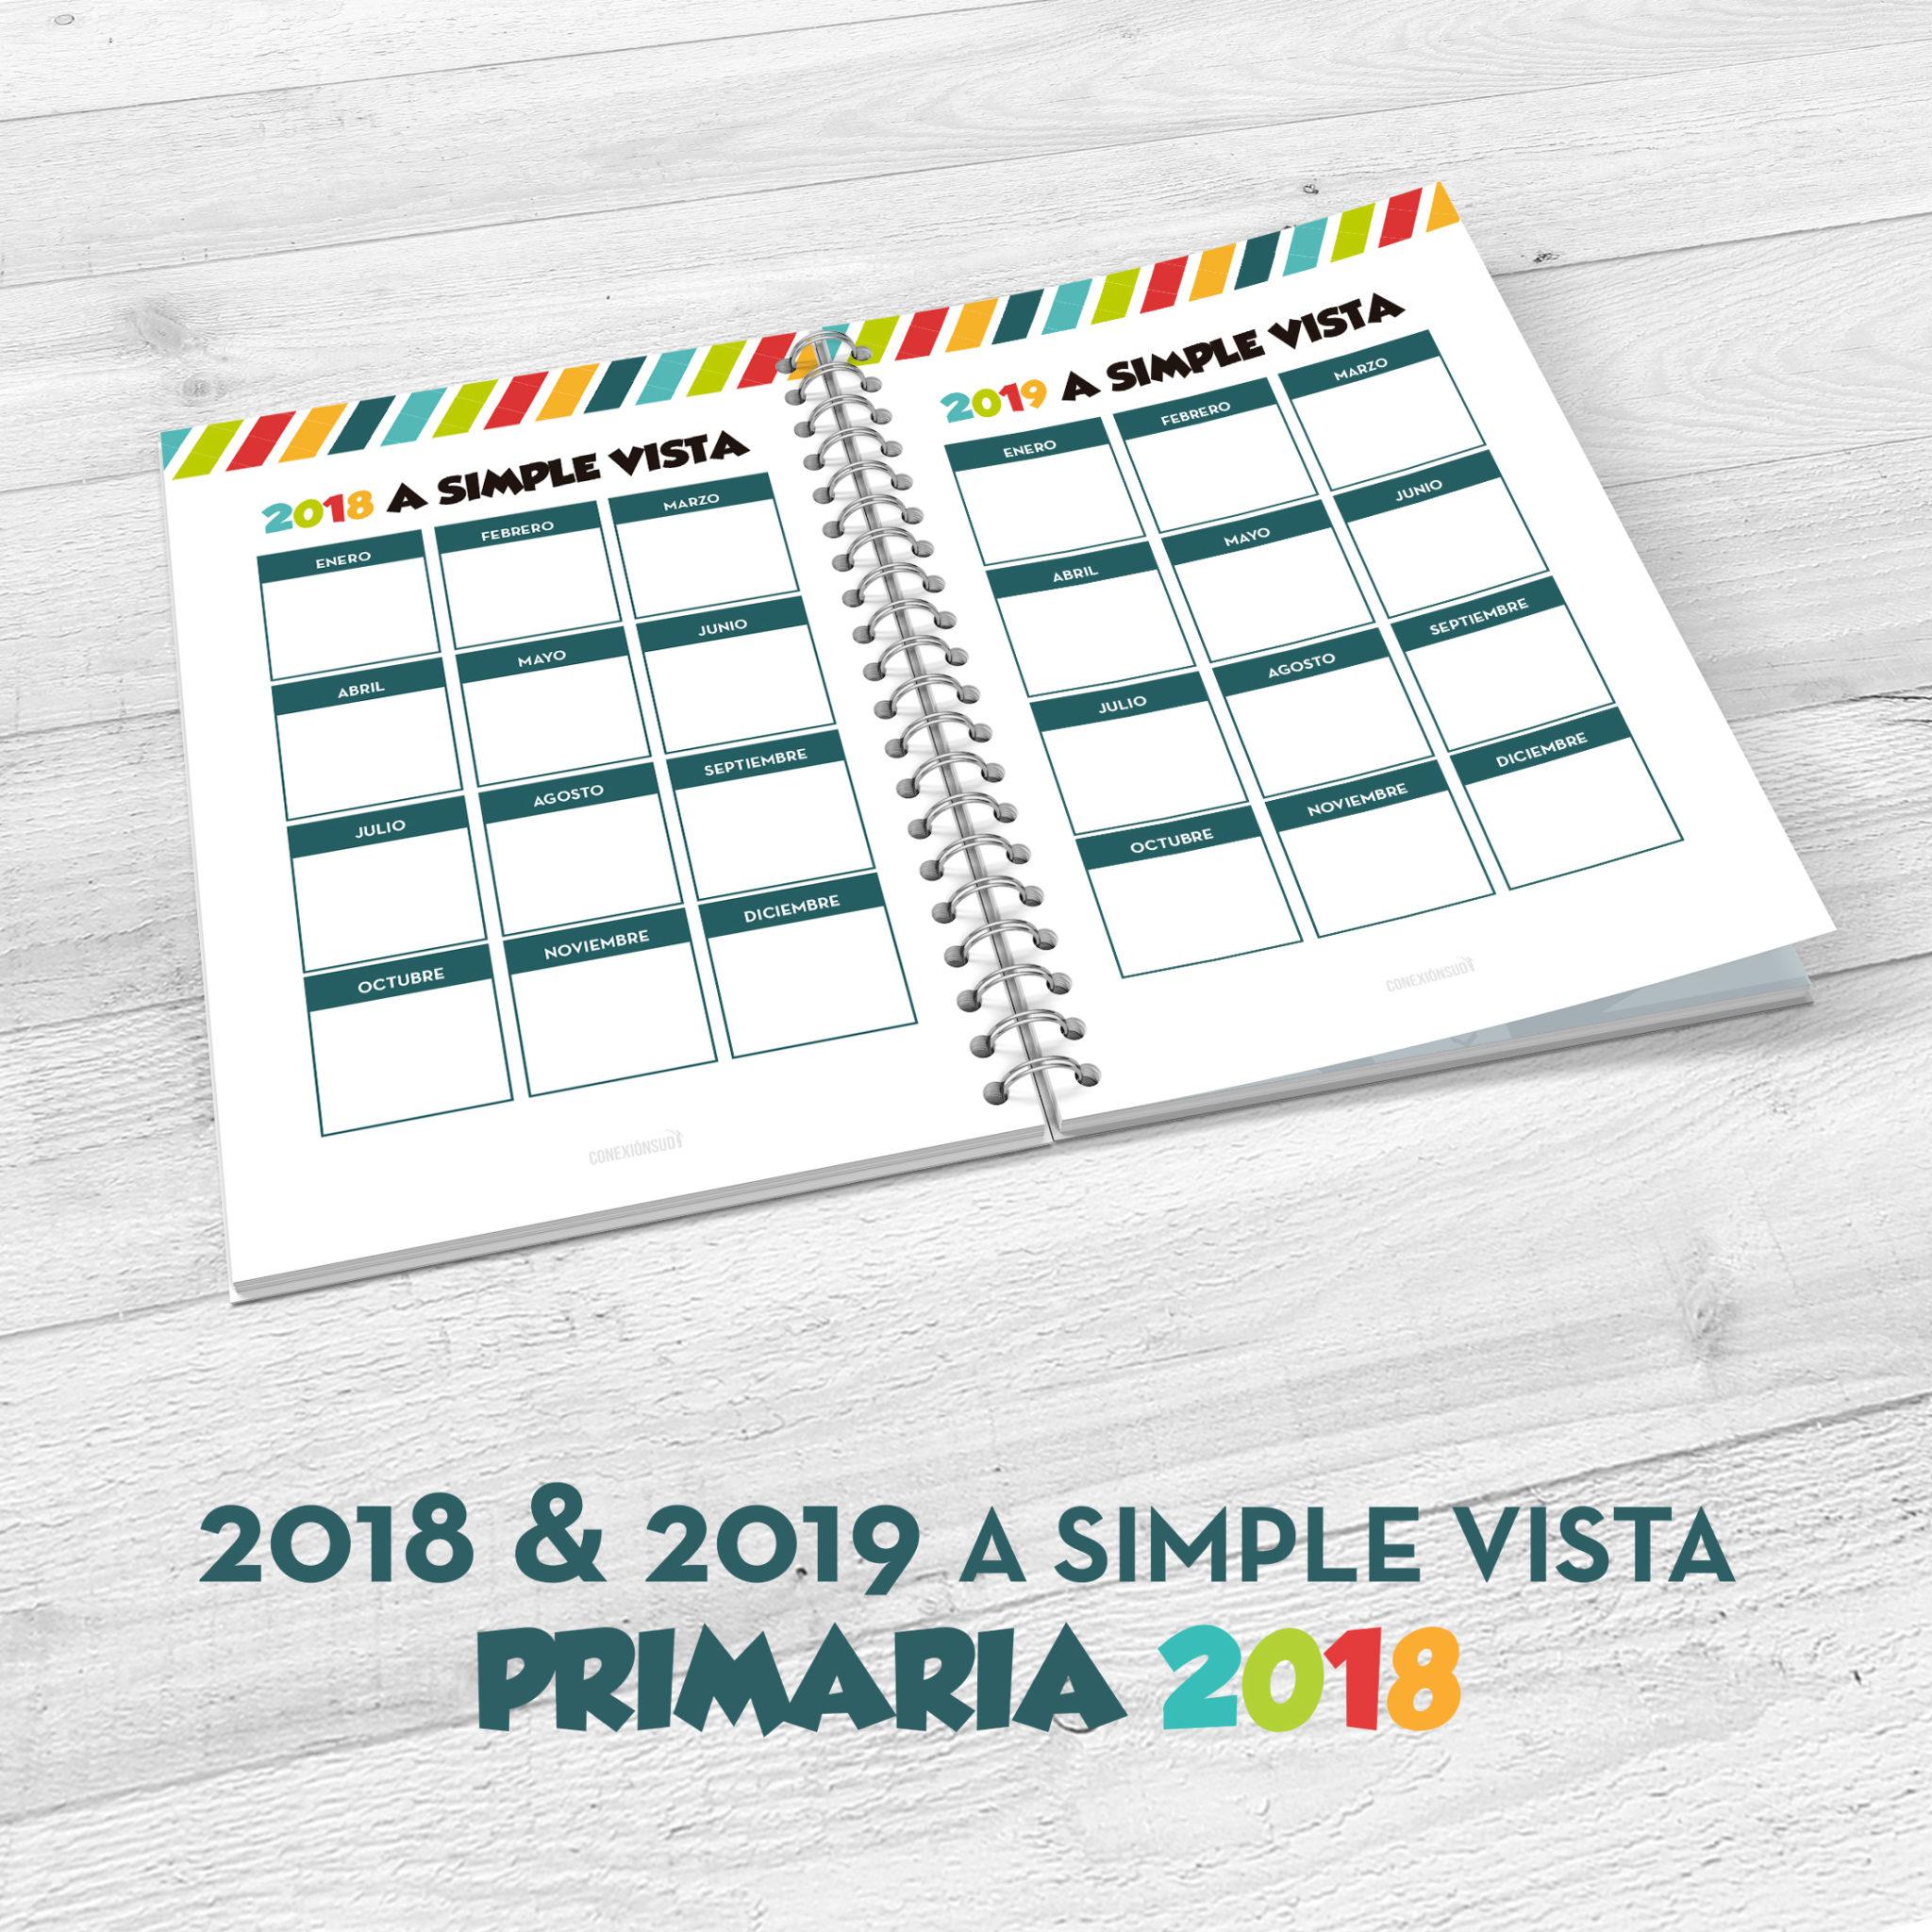 Planificador de la Primaria 2018 - Soy un Hijo de Dios - ConexionSUD